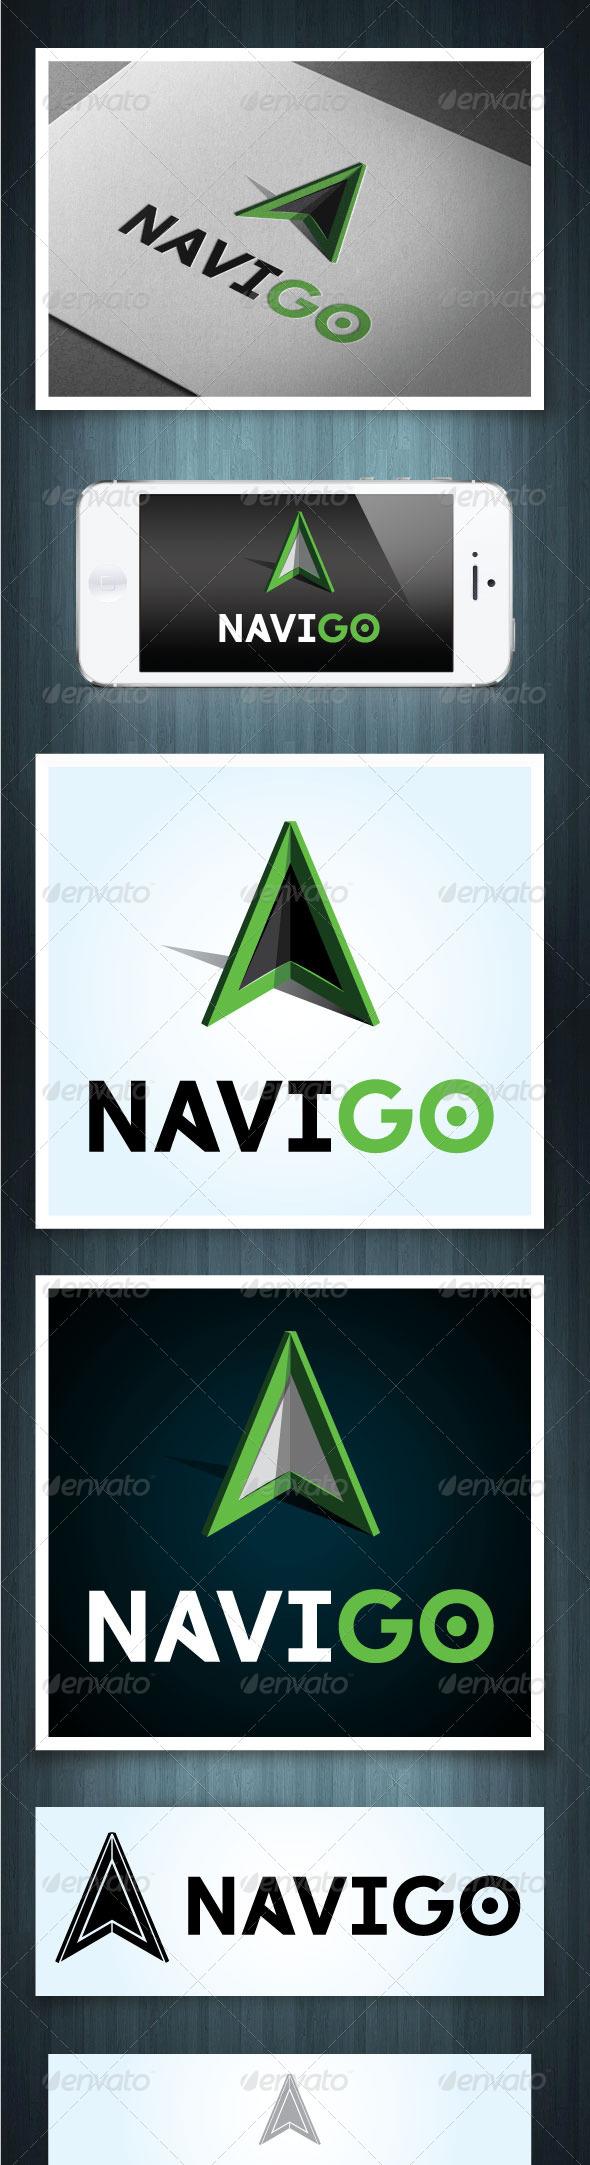 GraphicRiver Navigo 5053445